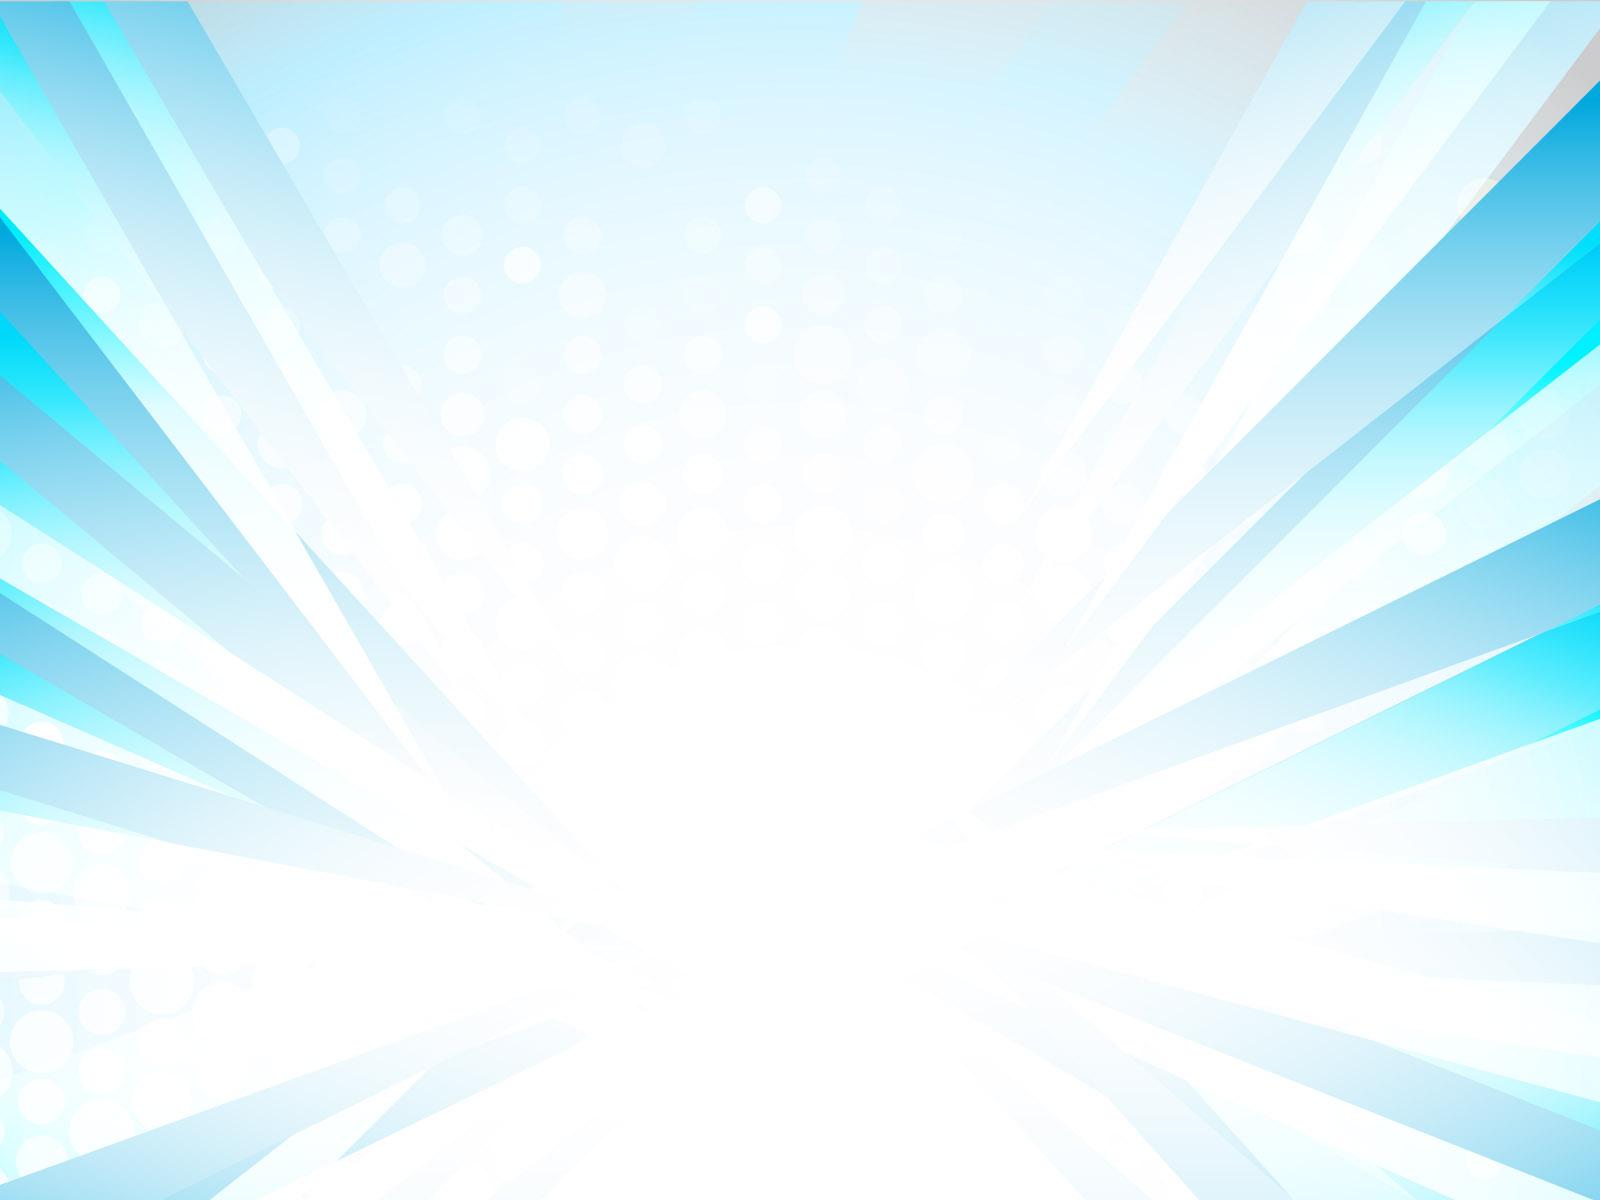 Hình nền powerpoint màu sáng xanh